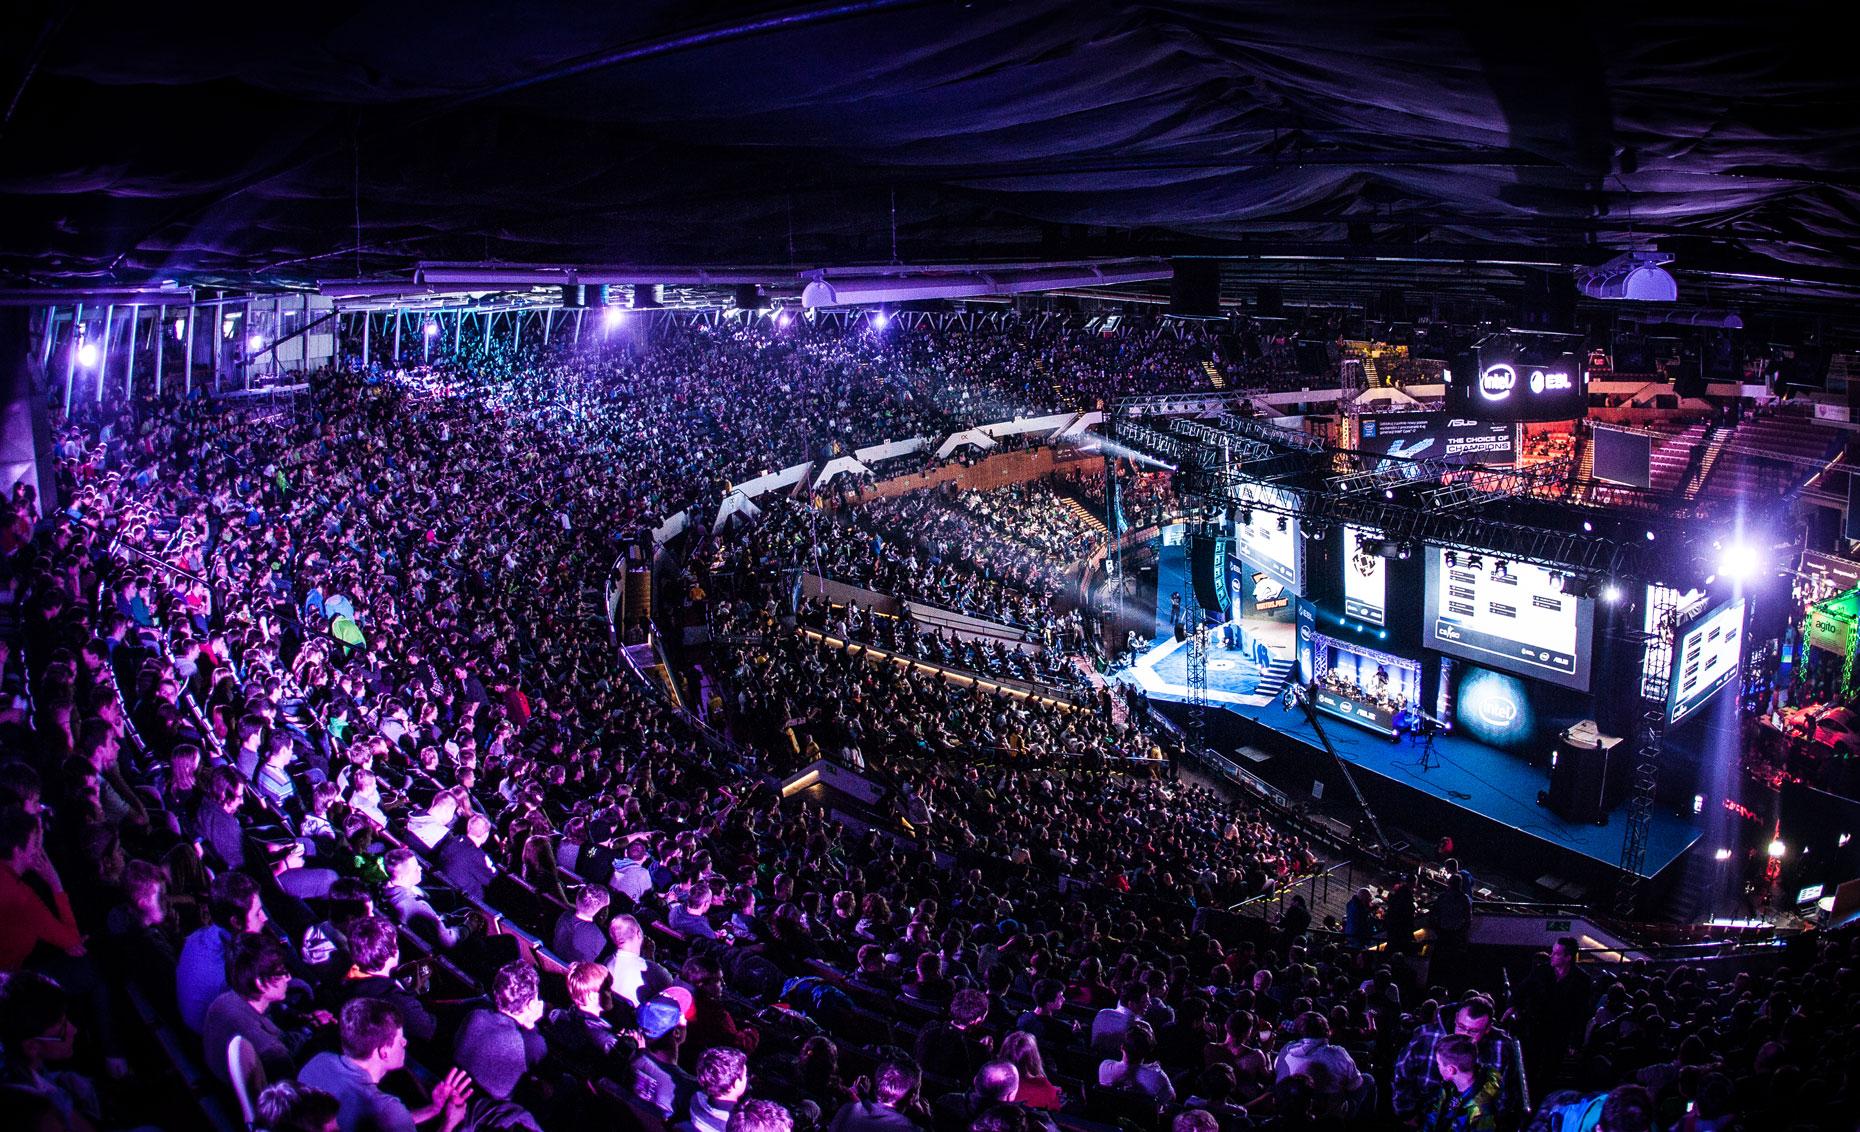 Клубы OpTic и SK получили приглашение на лос-анджелесский турнир cs_summit